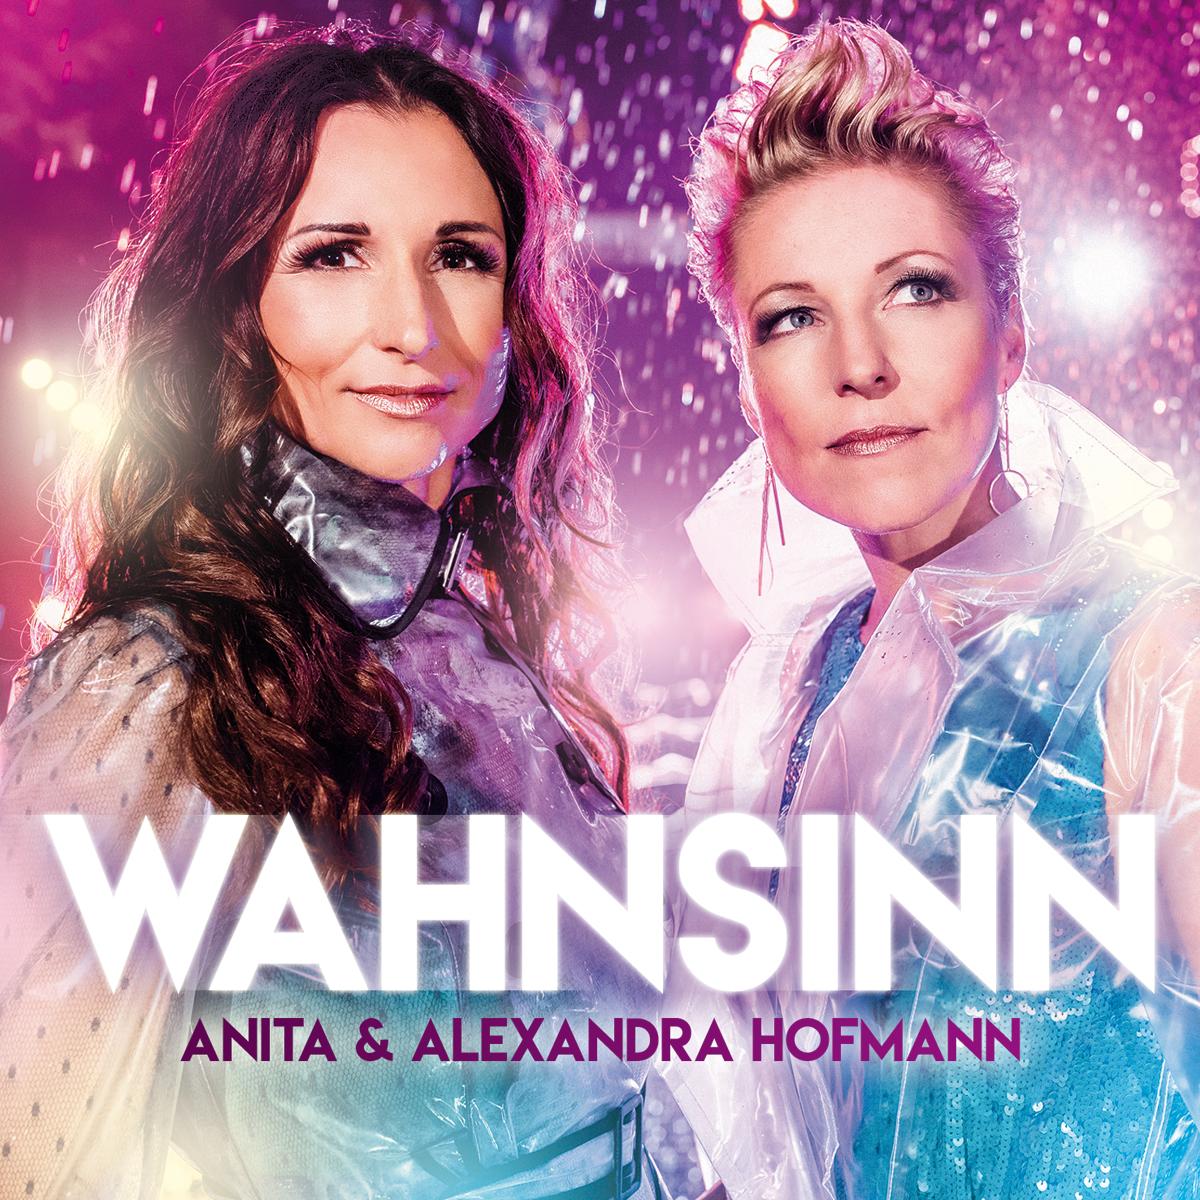 ANITA & ALEXANDRA HOFMANN Sehen Sie HIER den Videoclip zu